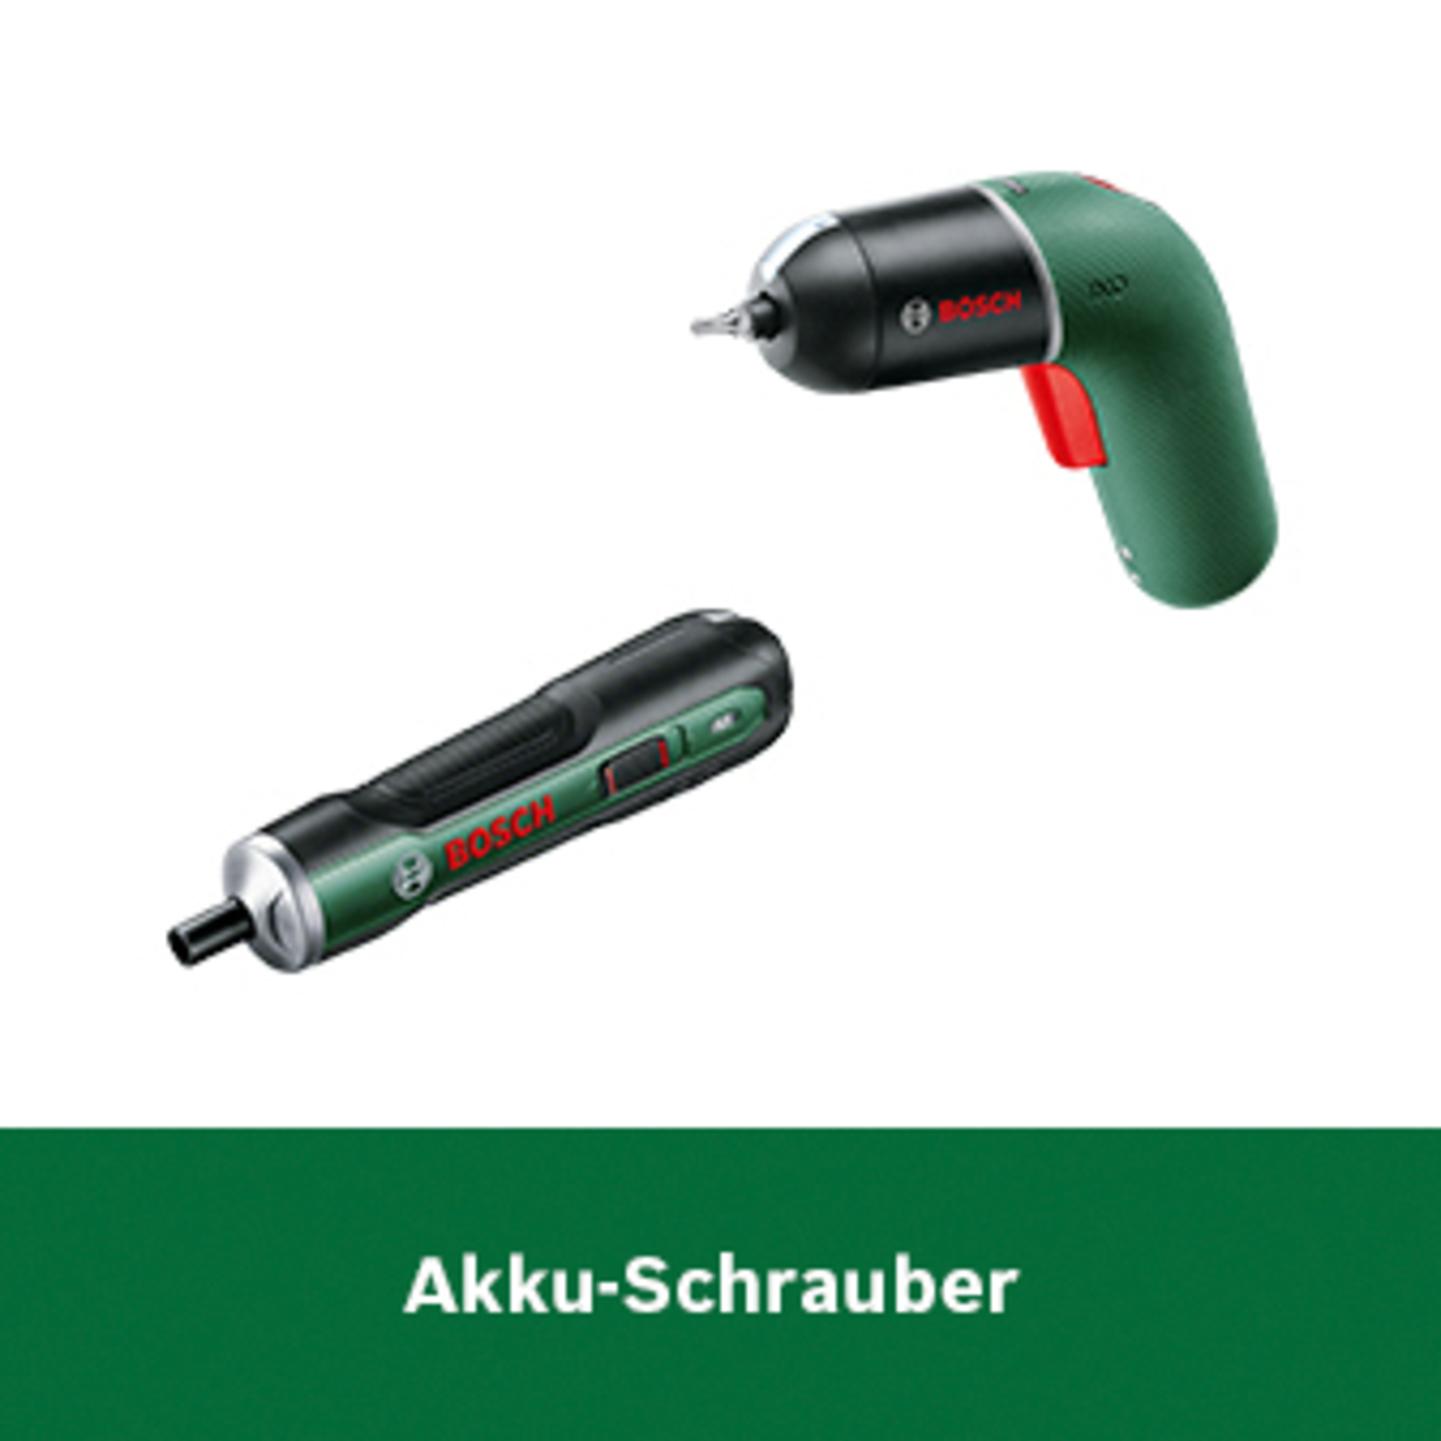 Bosch Akku-Schrauber